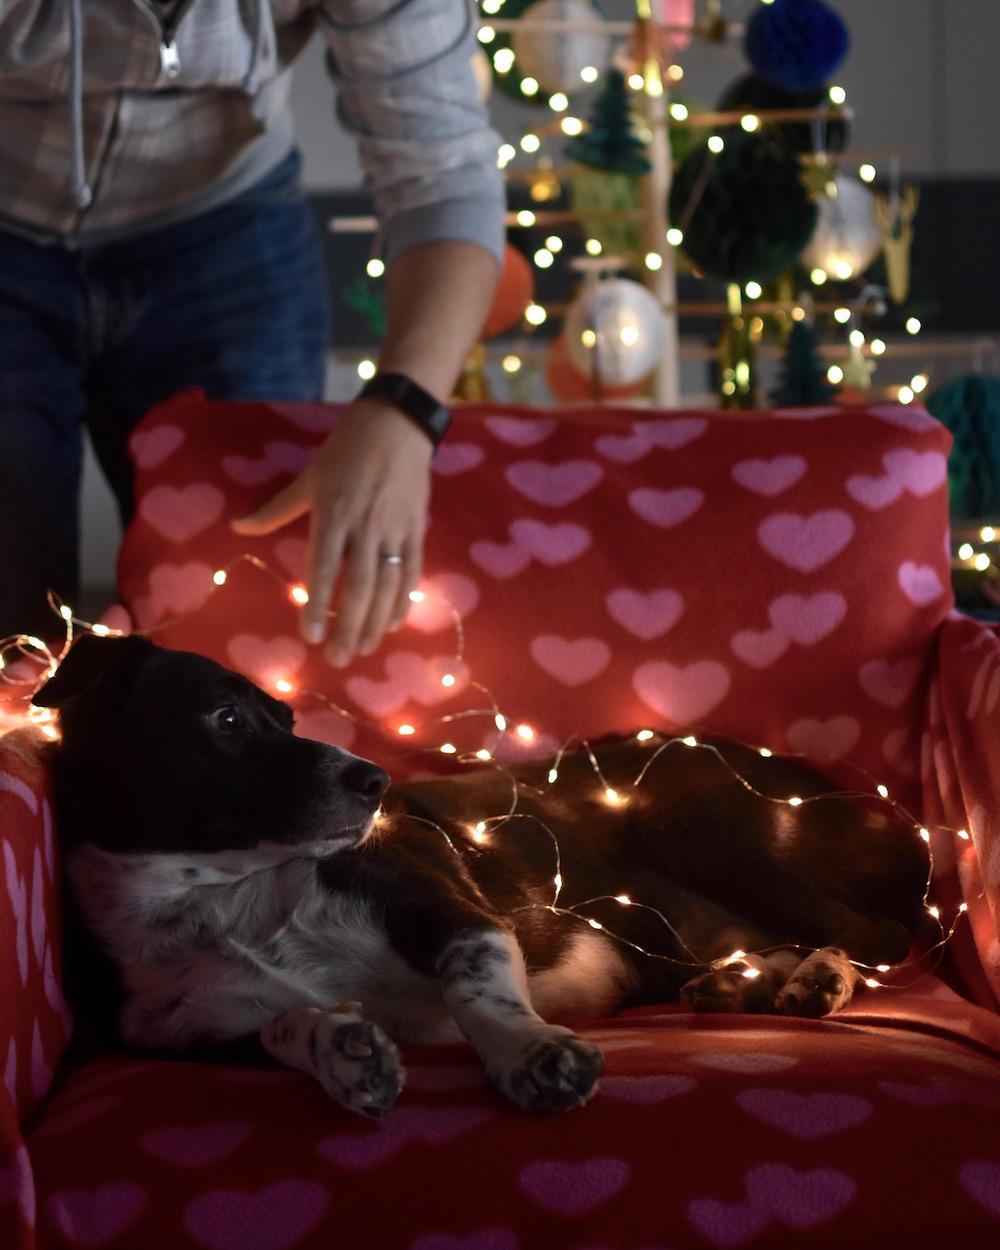 Unsere Weihnachtskarte mit Hund 2018